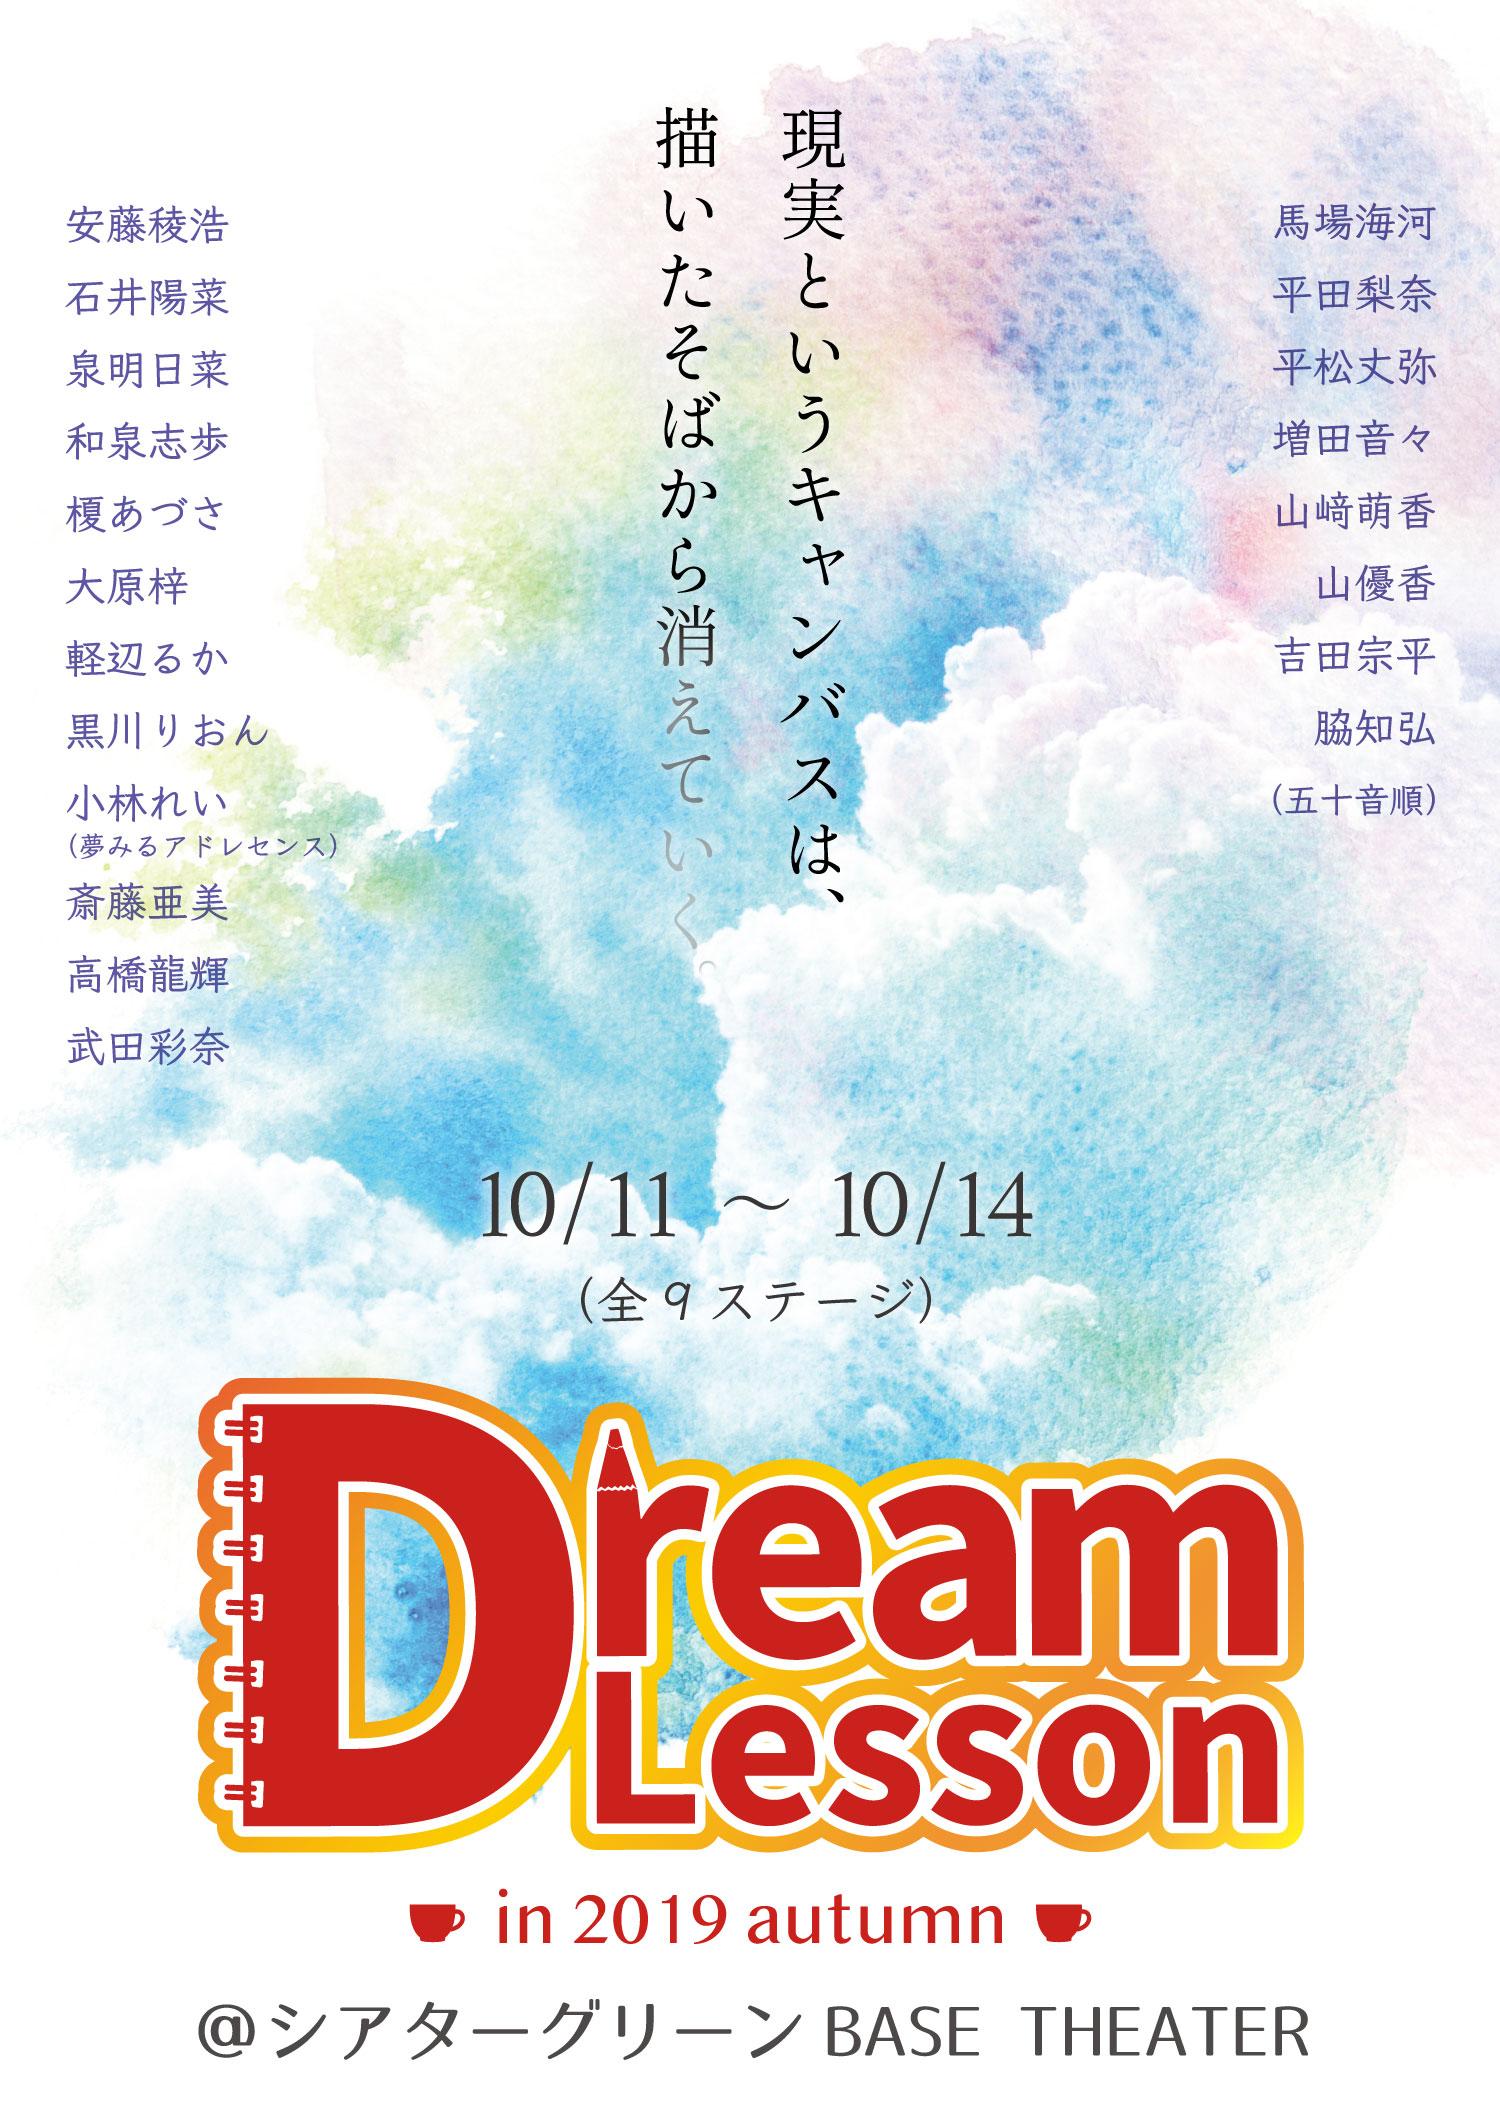 【10月13日 15時30分】公演 Dream Lesson in2019 autumn